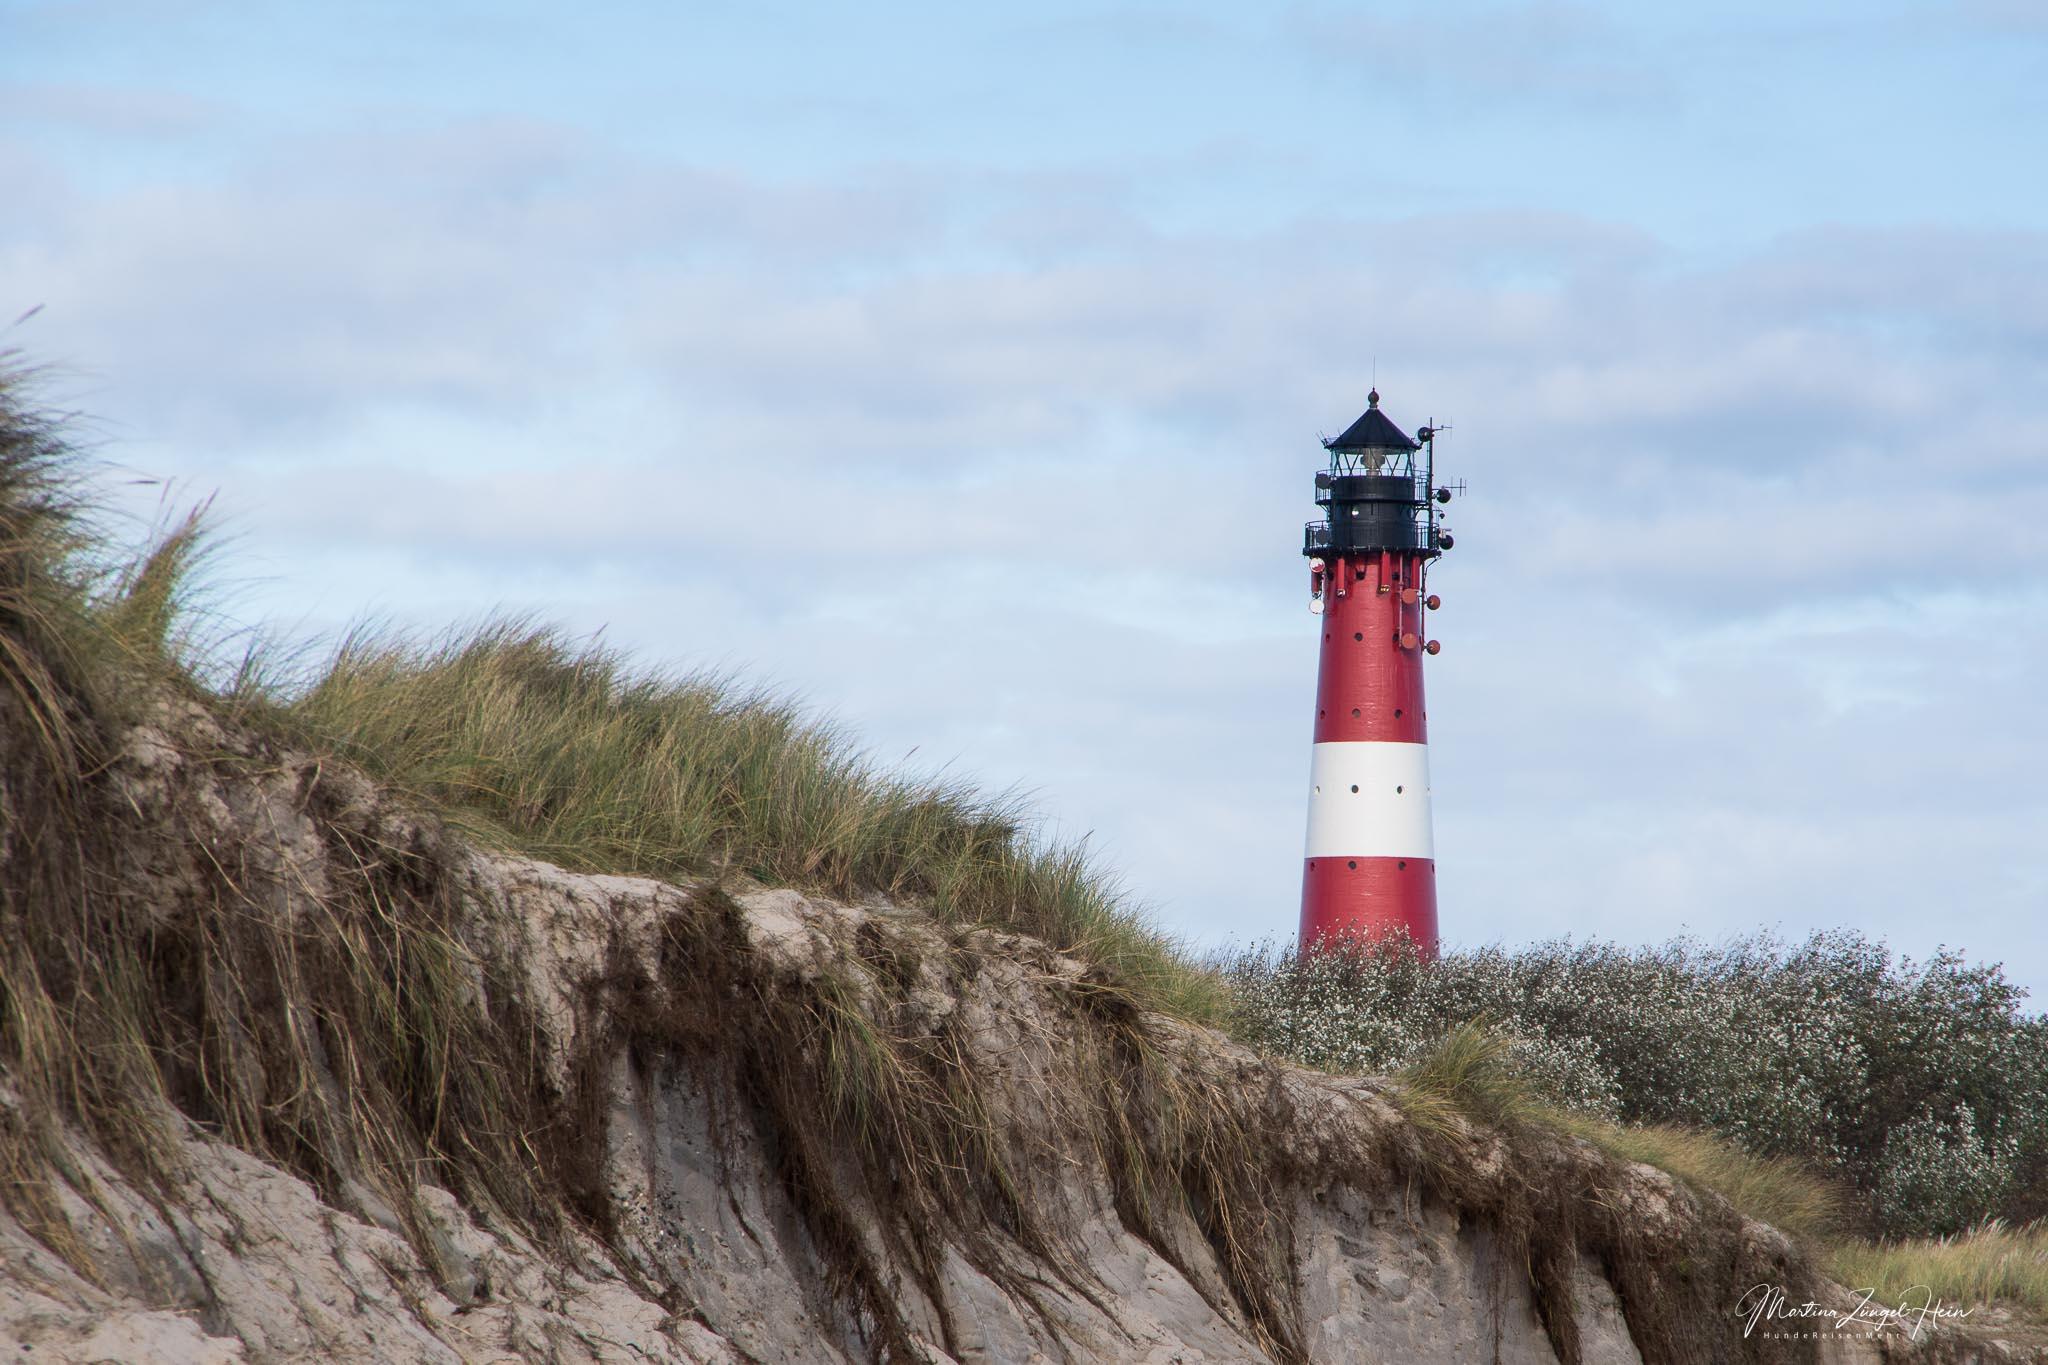 Unter dem Leuchtturm geht es zur Strandpromenade